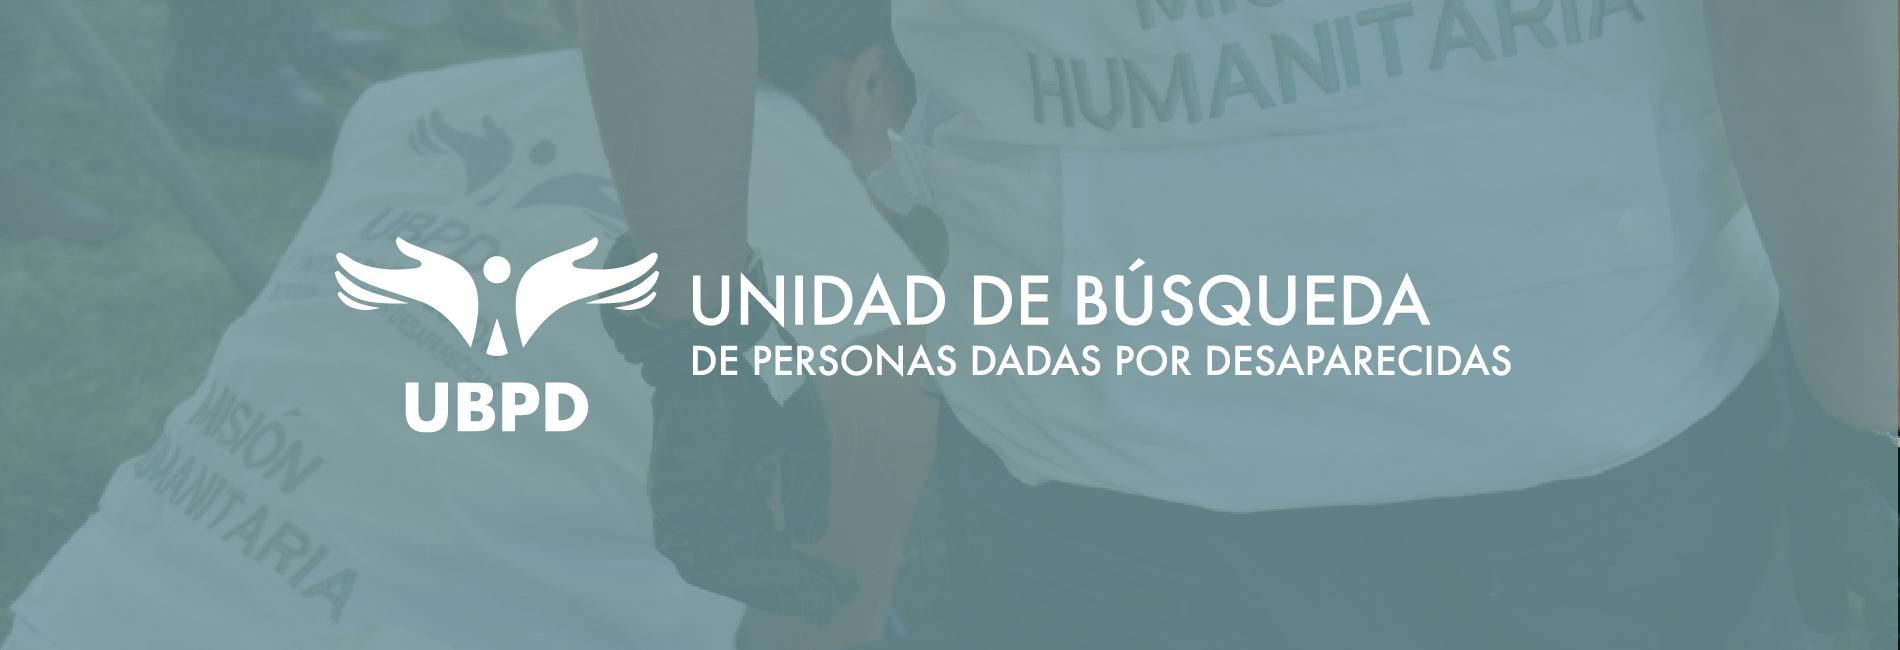 Unidad de Búsqueda y Fiscalía entregan dignamente a sus familias en Chocó los cuerpos de dos personas desaparecidas hace más de 20 años